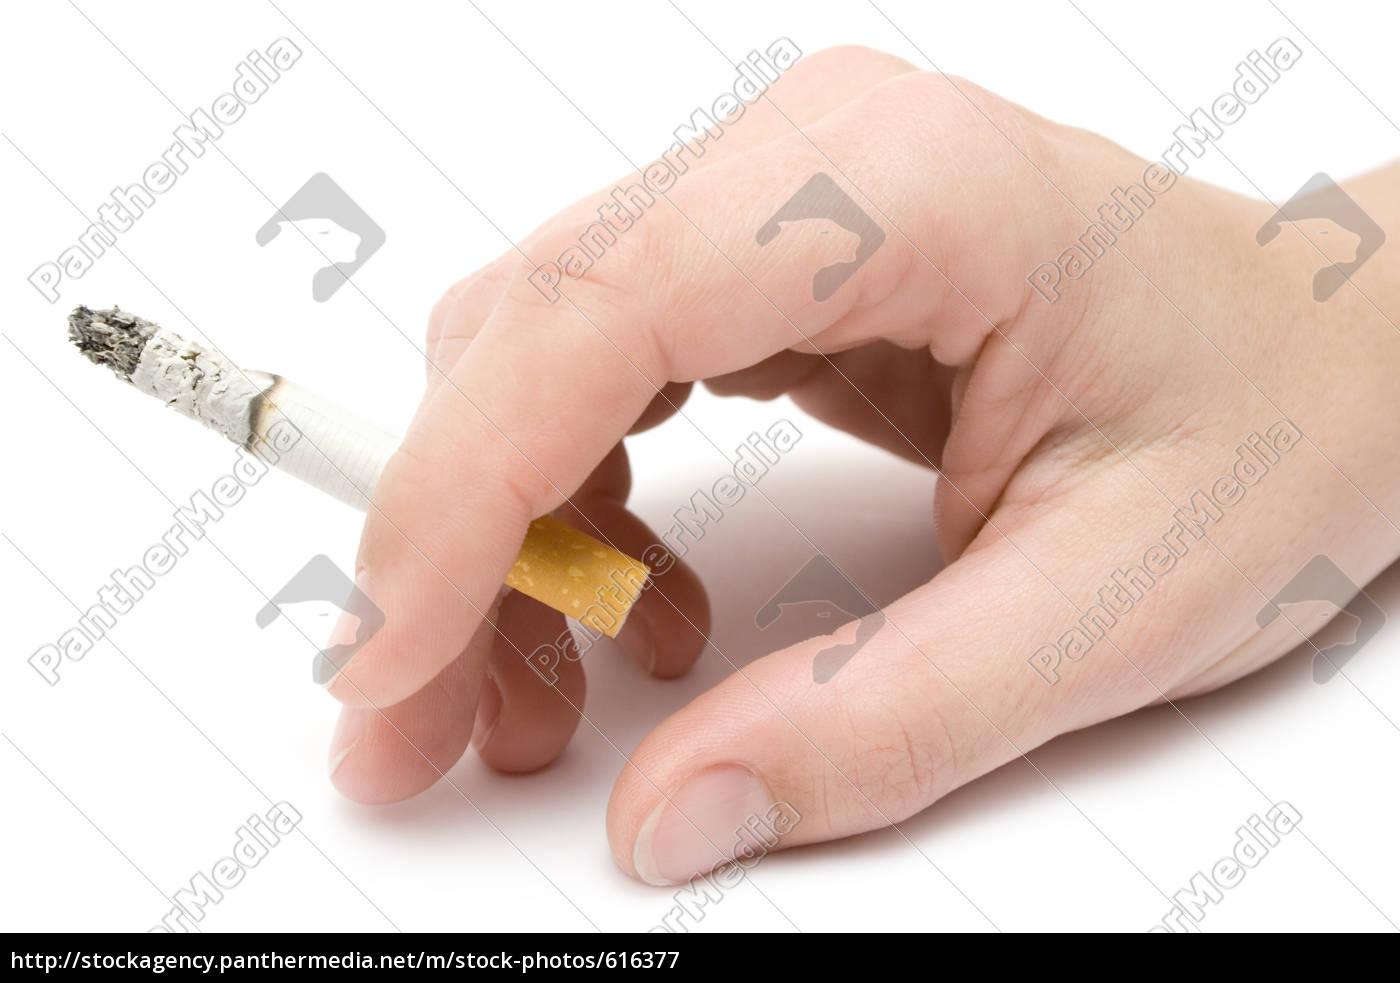 smoke - 616377